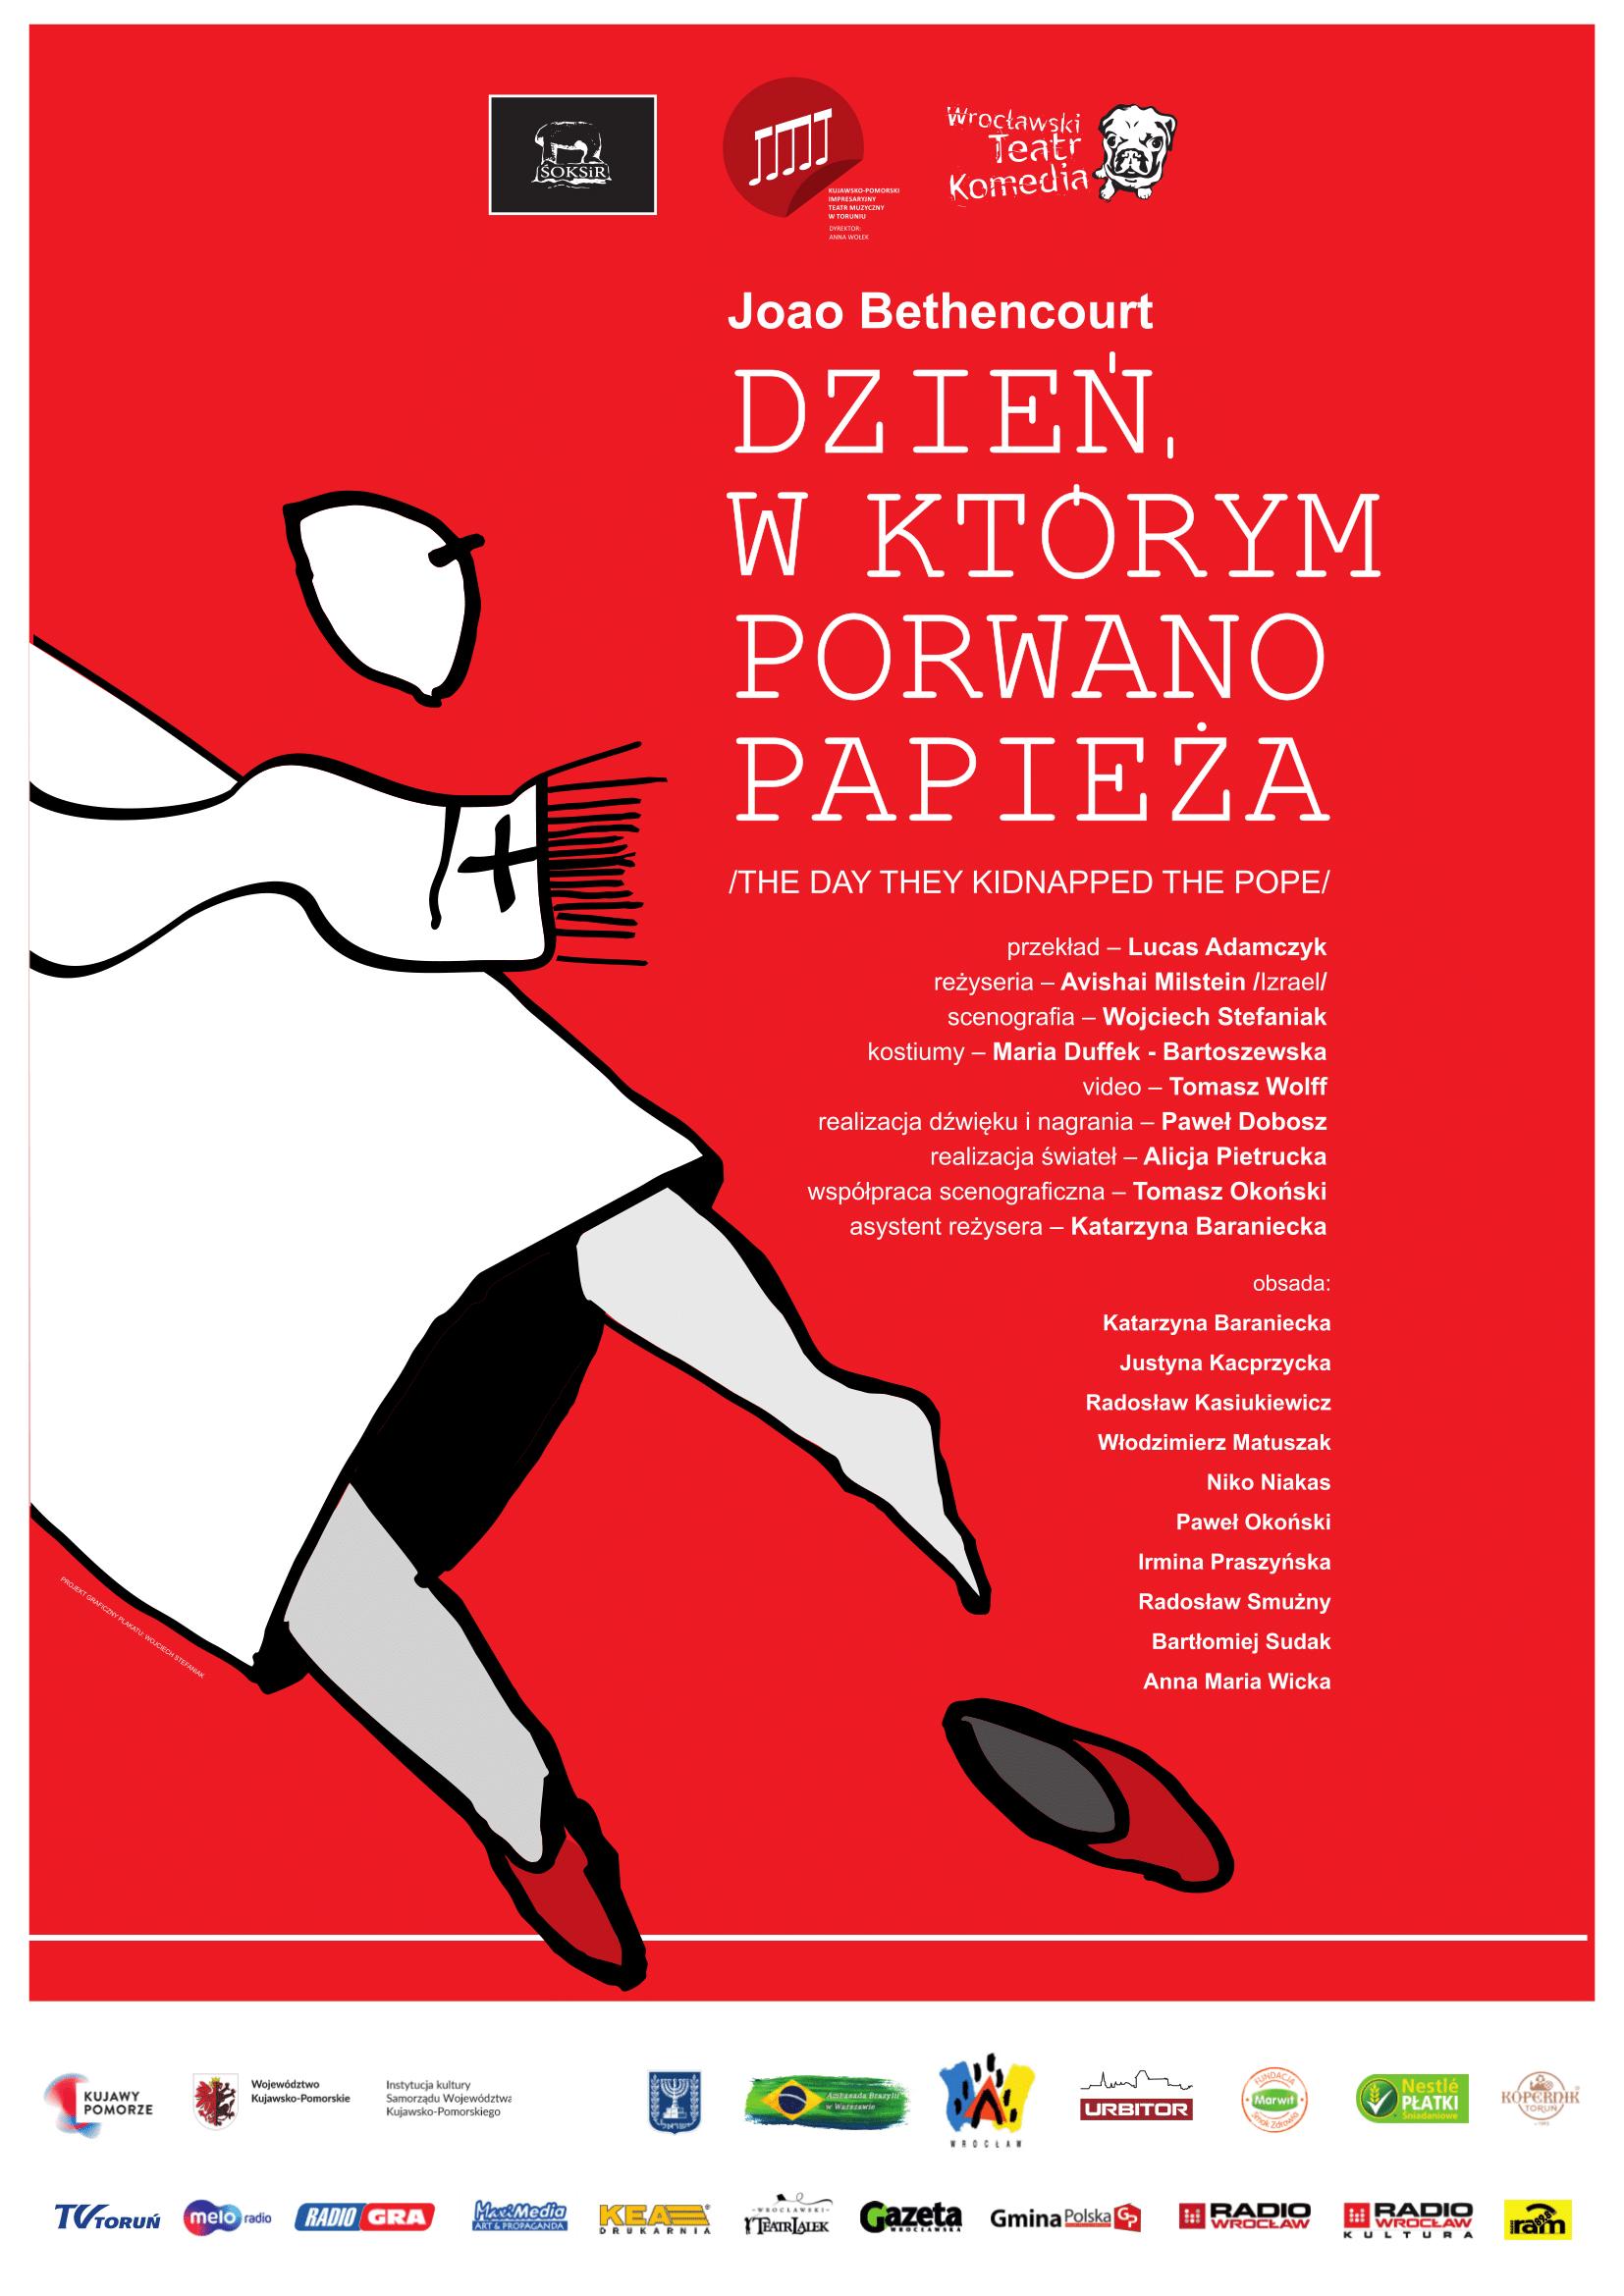 Dzień w którym porwano papieża - e-plakat